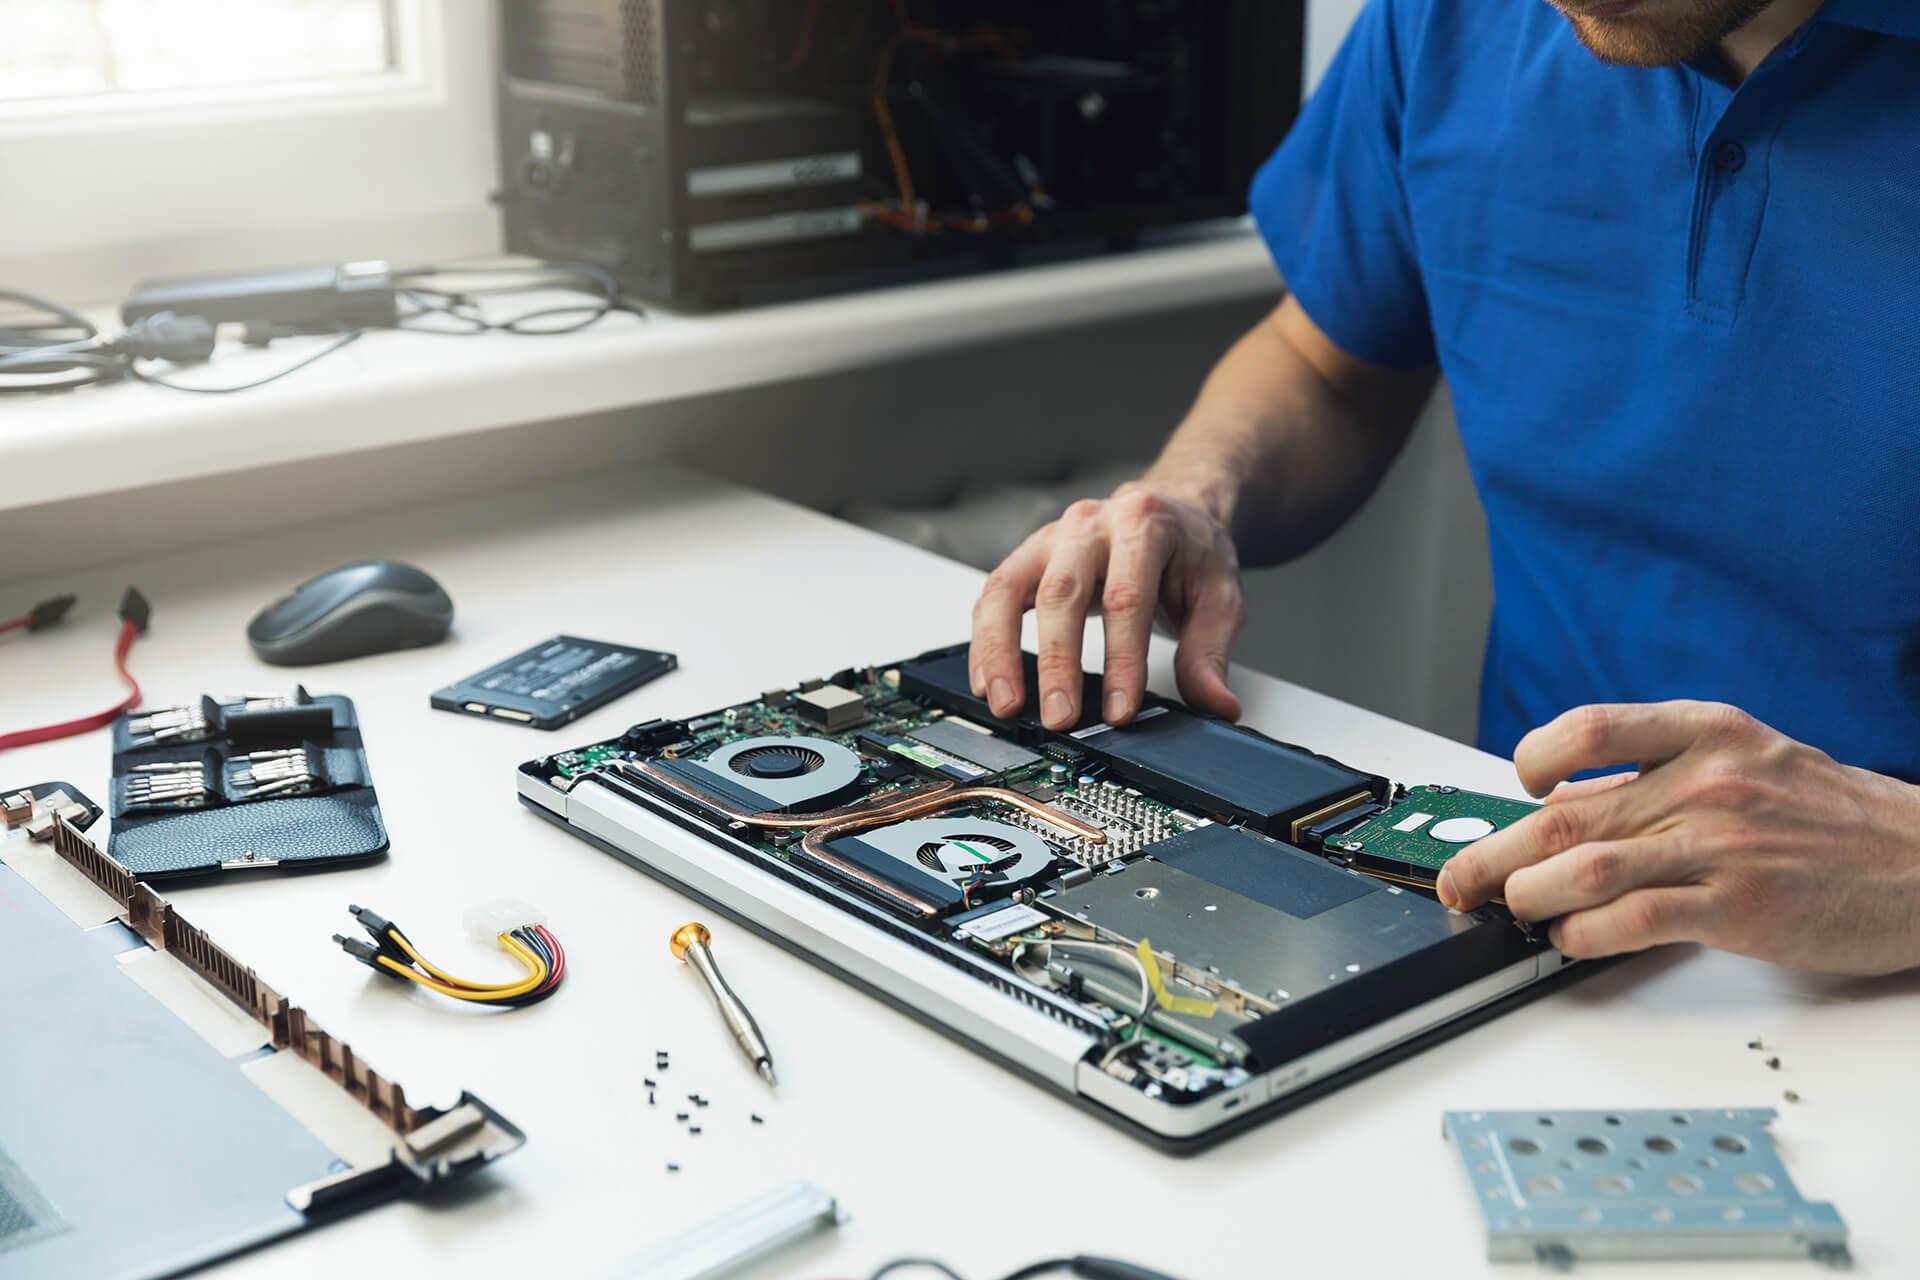 Sửa Laptop quận 9 sẽ giải quyết hết mọi vấn đề về máy tính cho bạn